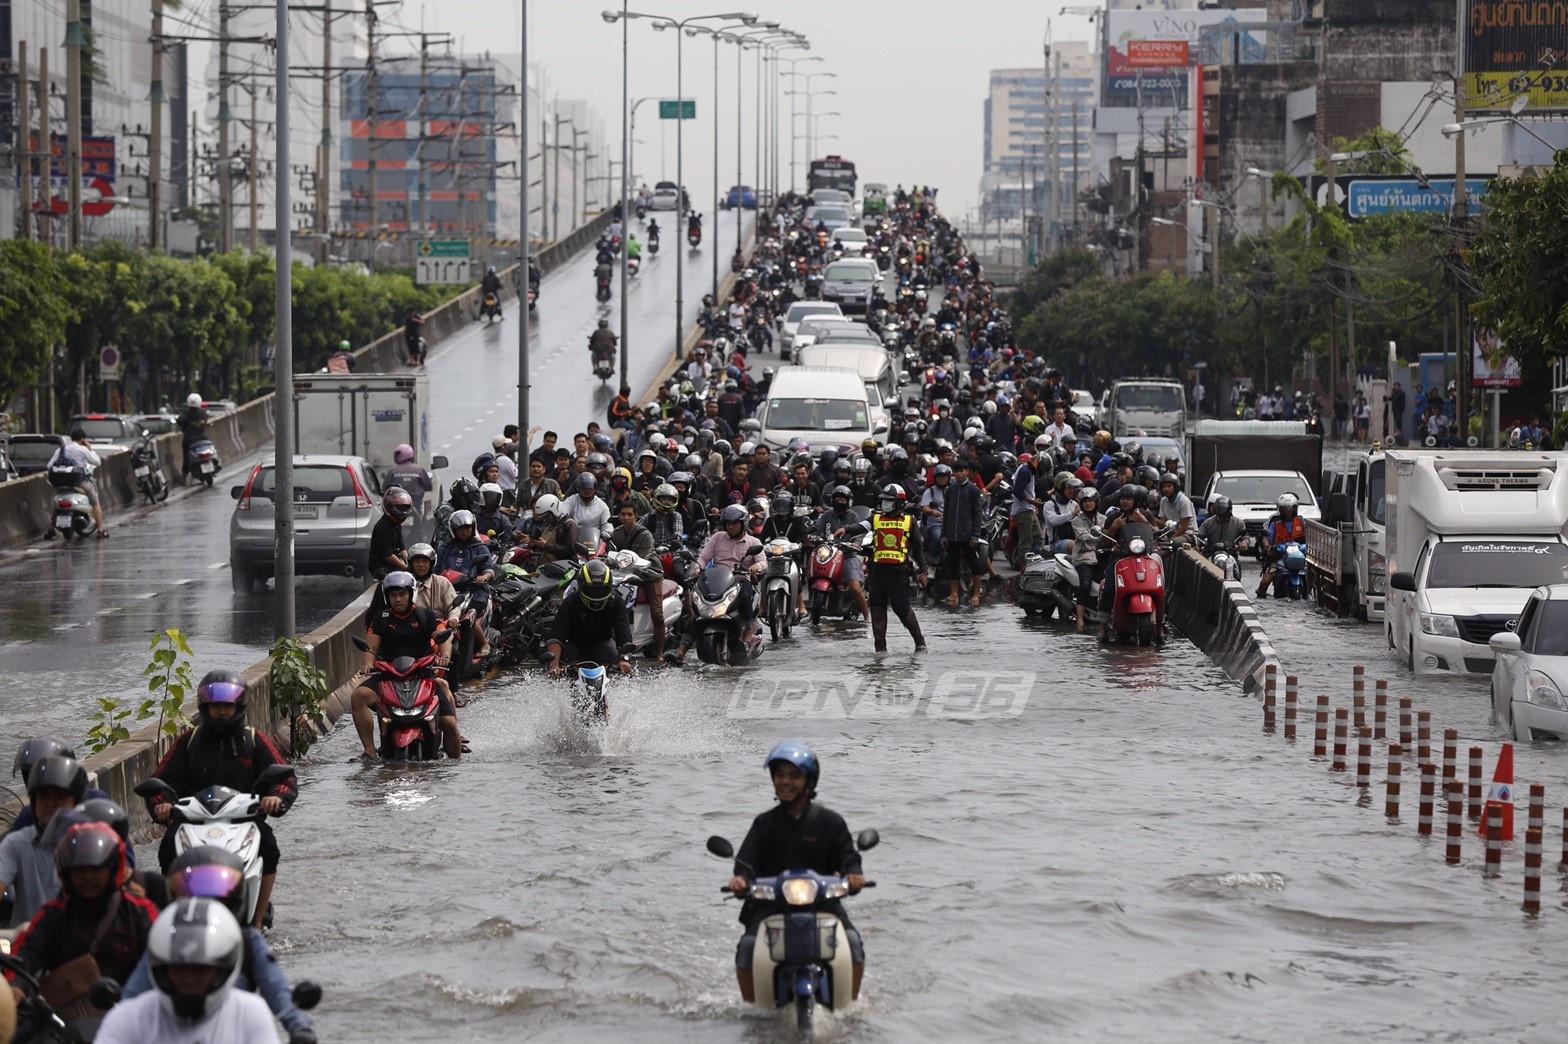 ฝนตก-รถติด คู่ชีวิตคนกรุงเทพฯ